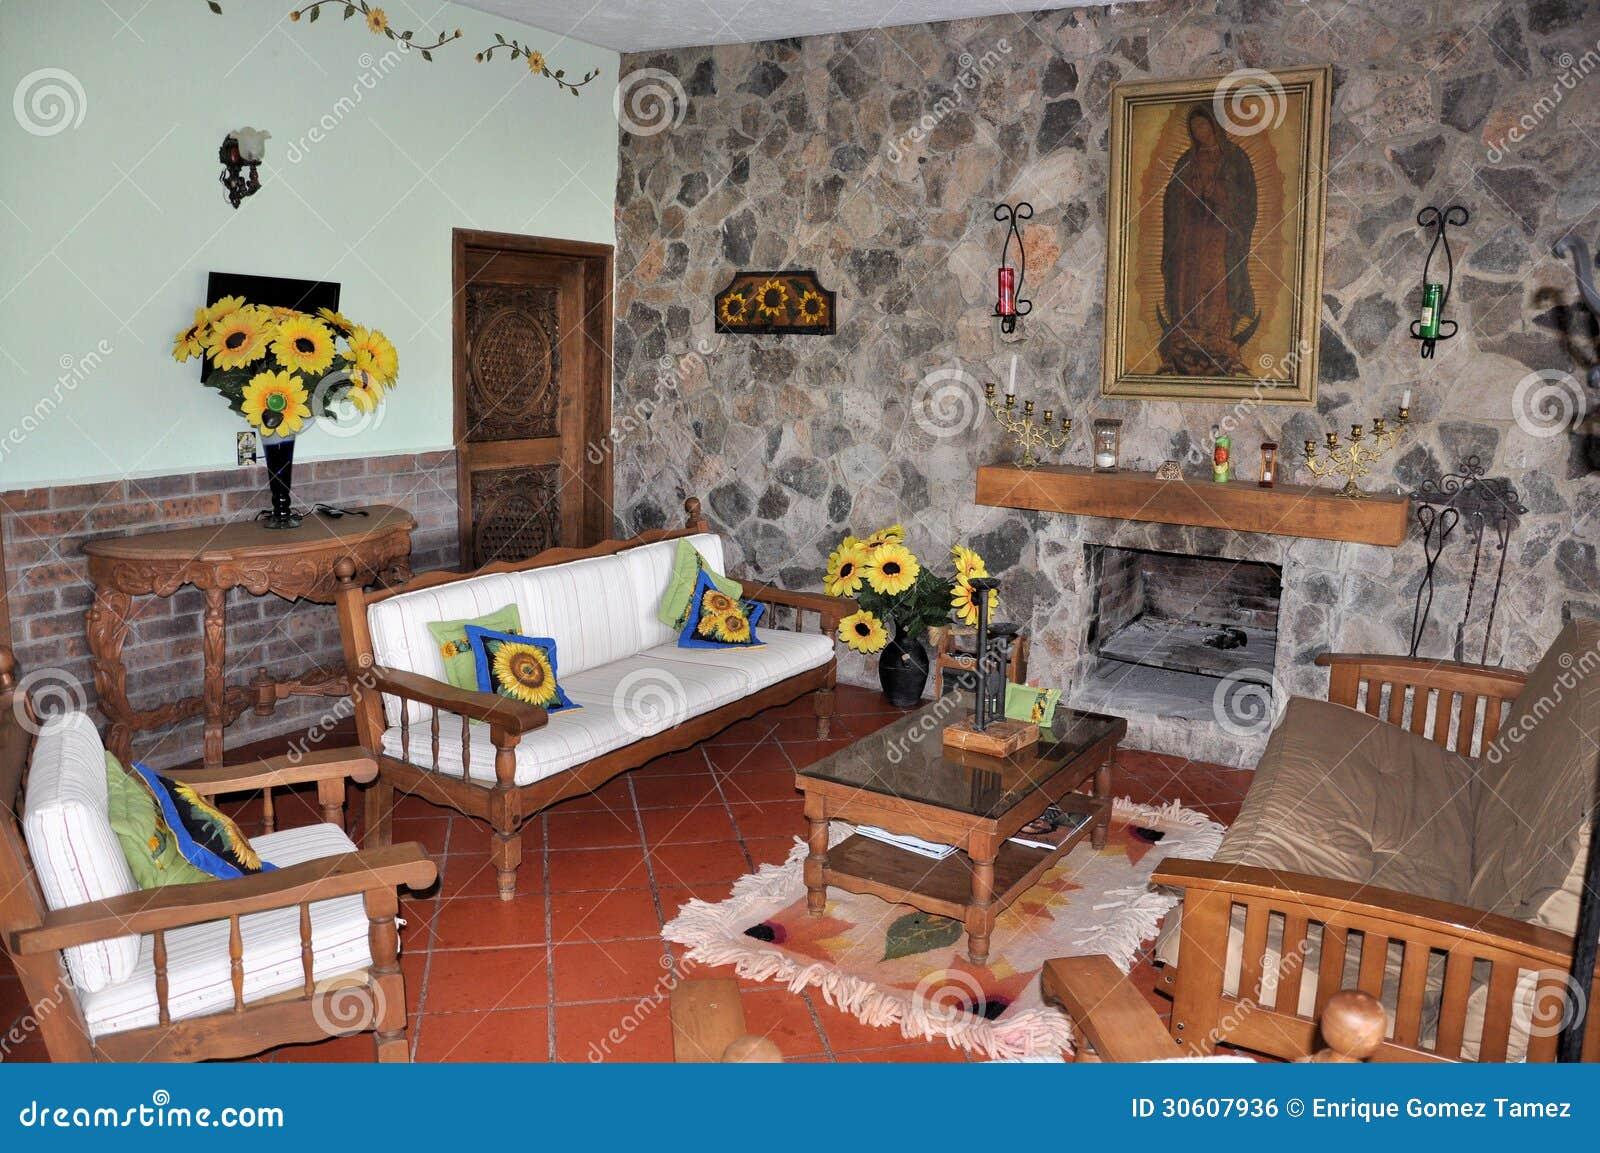 Jugendzimmer Im New York Stil – menerima.info